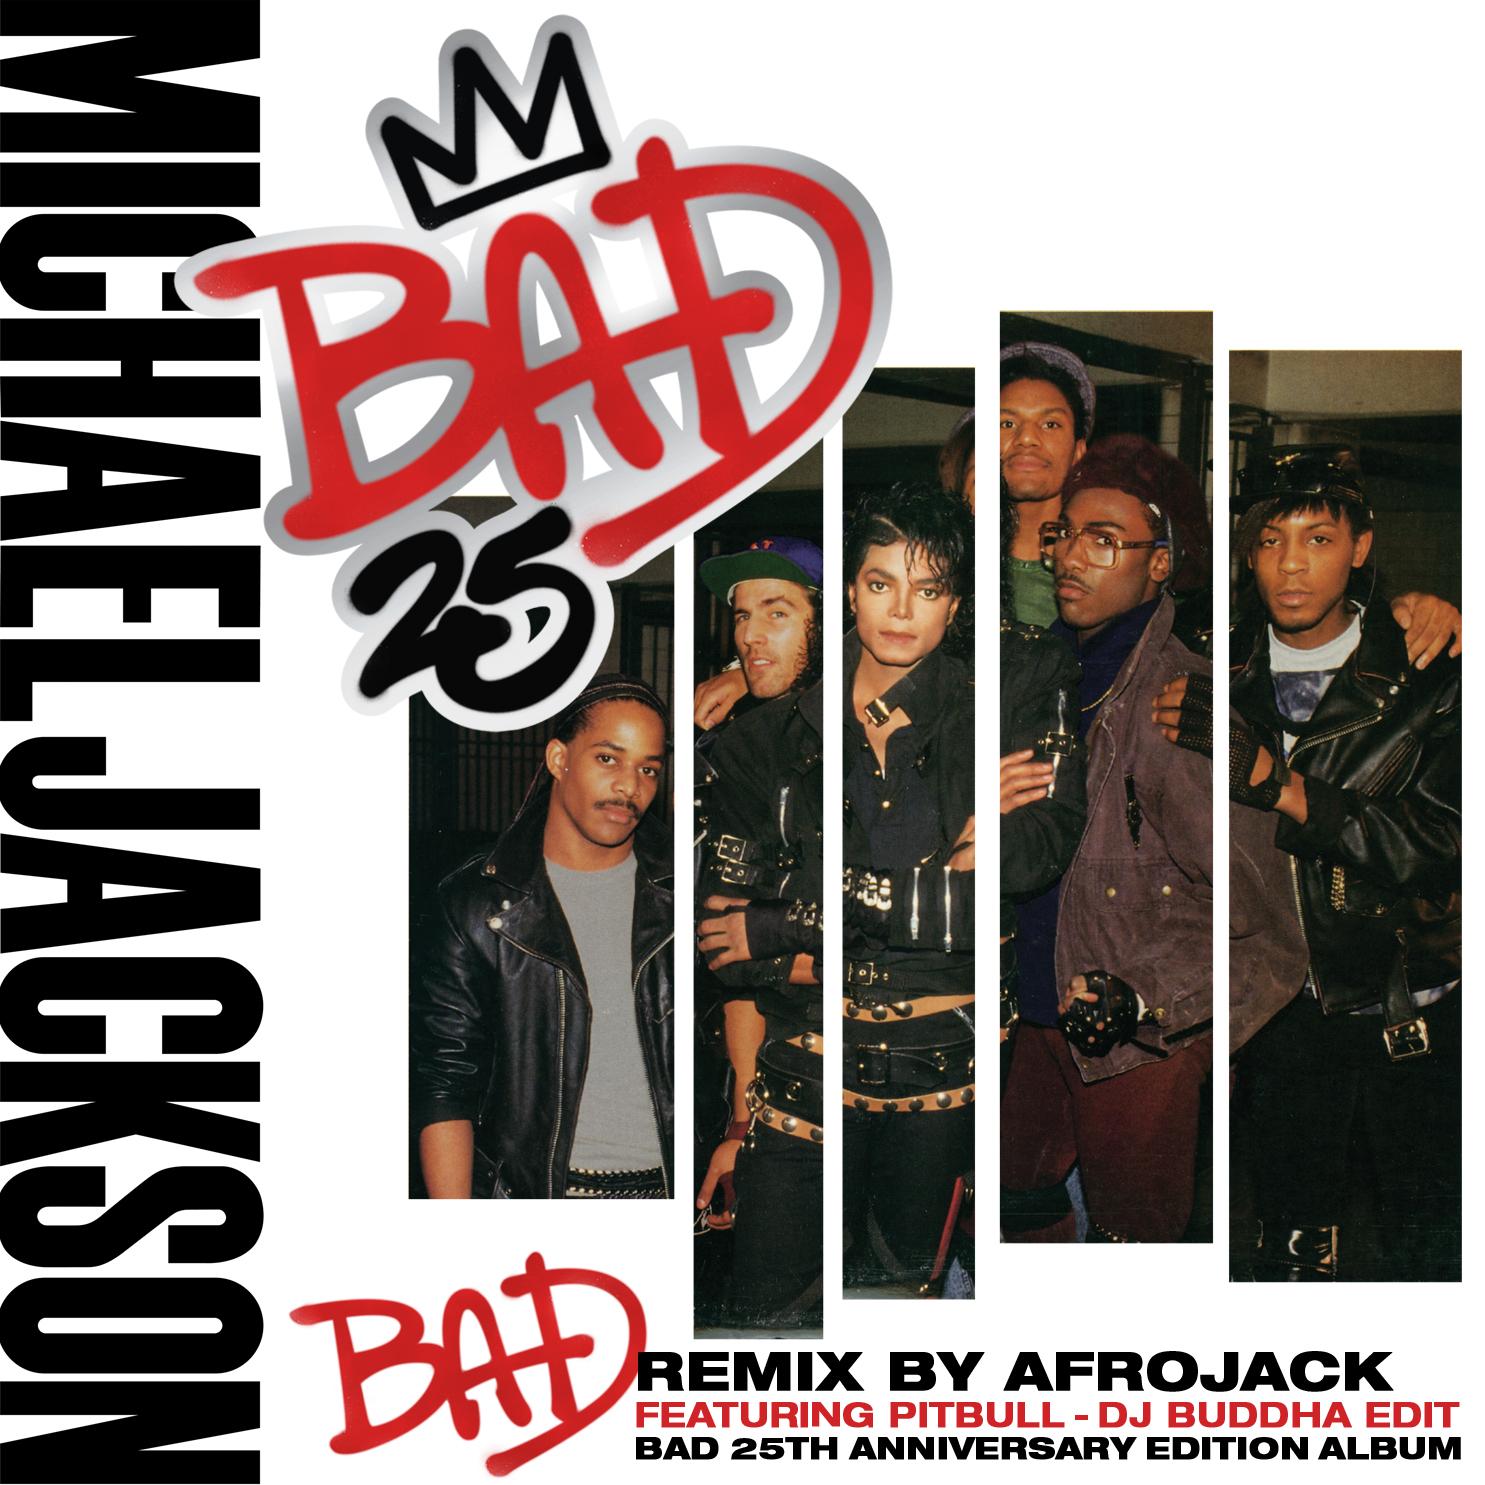 ultratop be - Michael Jackson feat  Pitbull - Bad (Afrojack Remix)